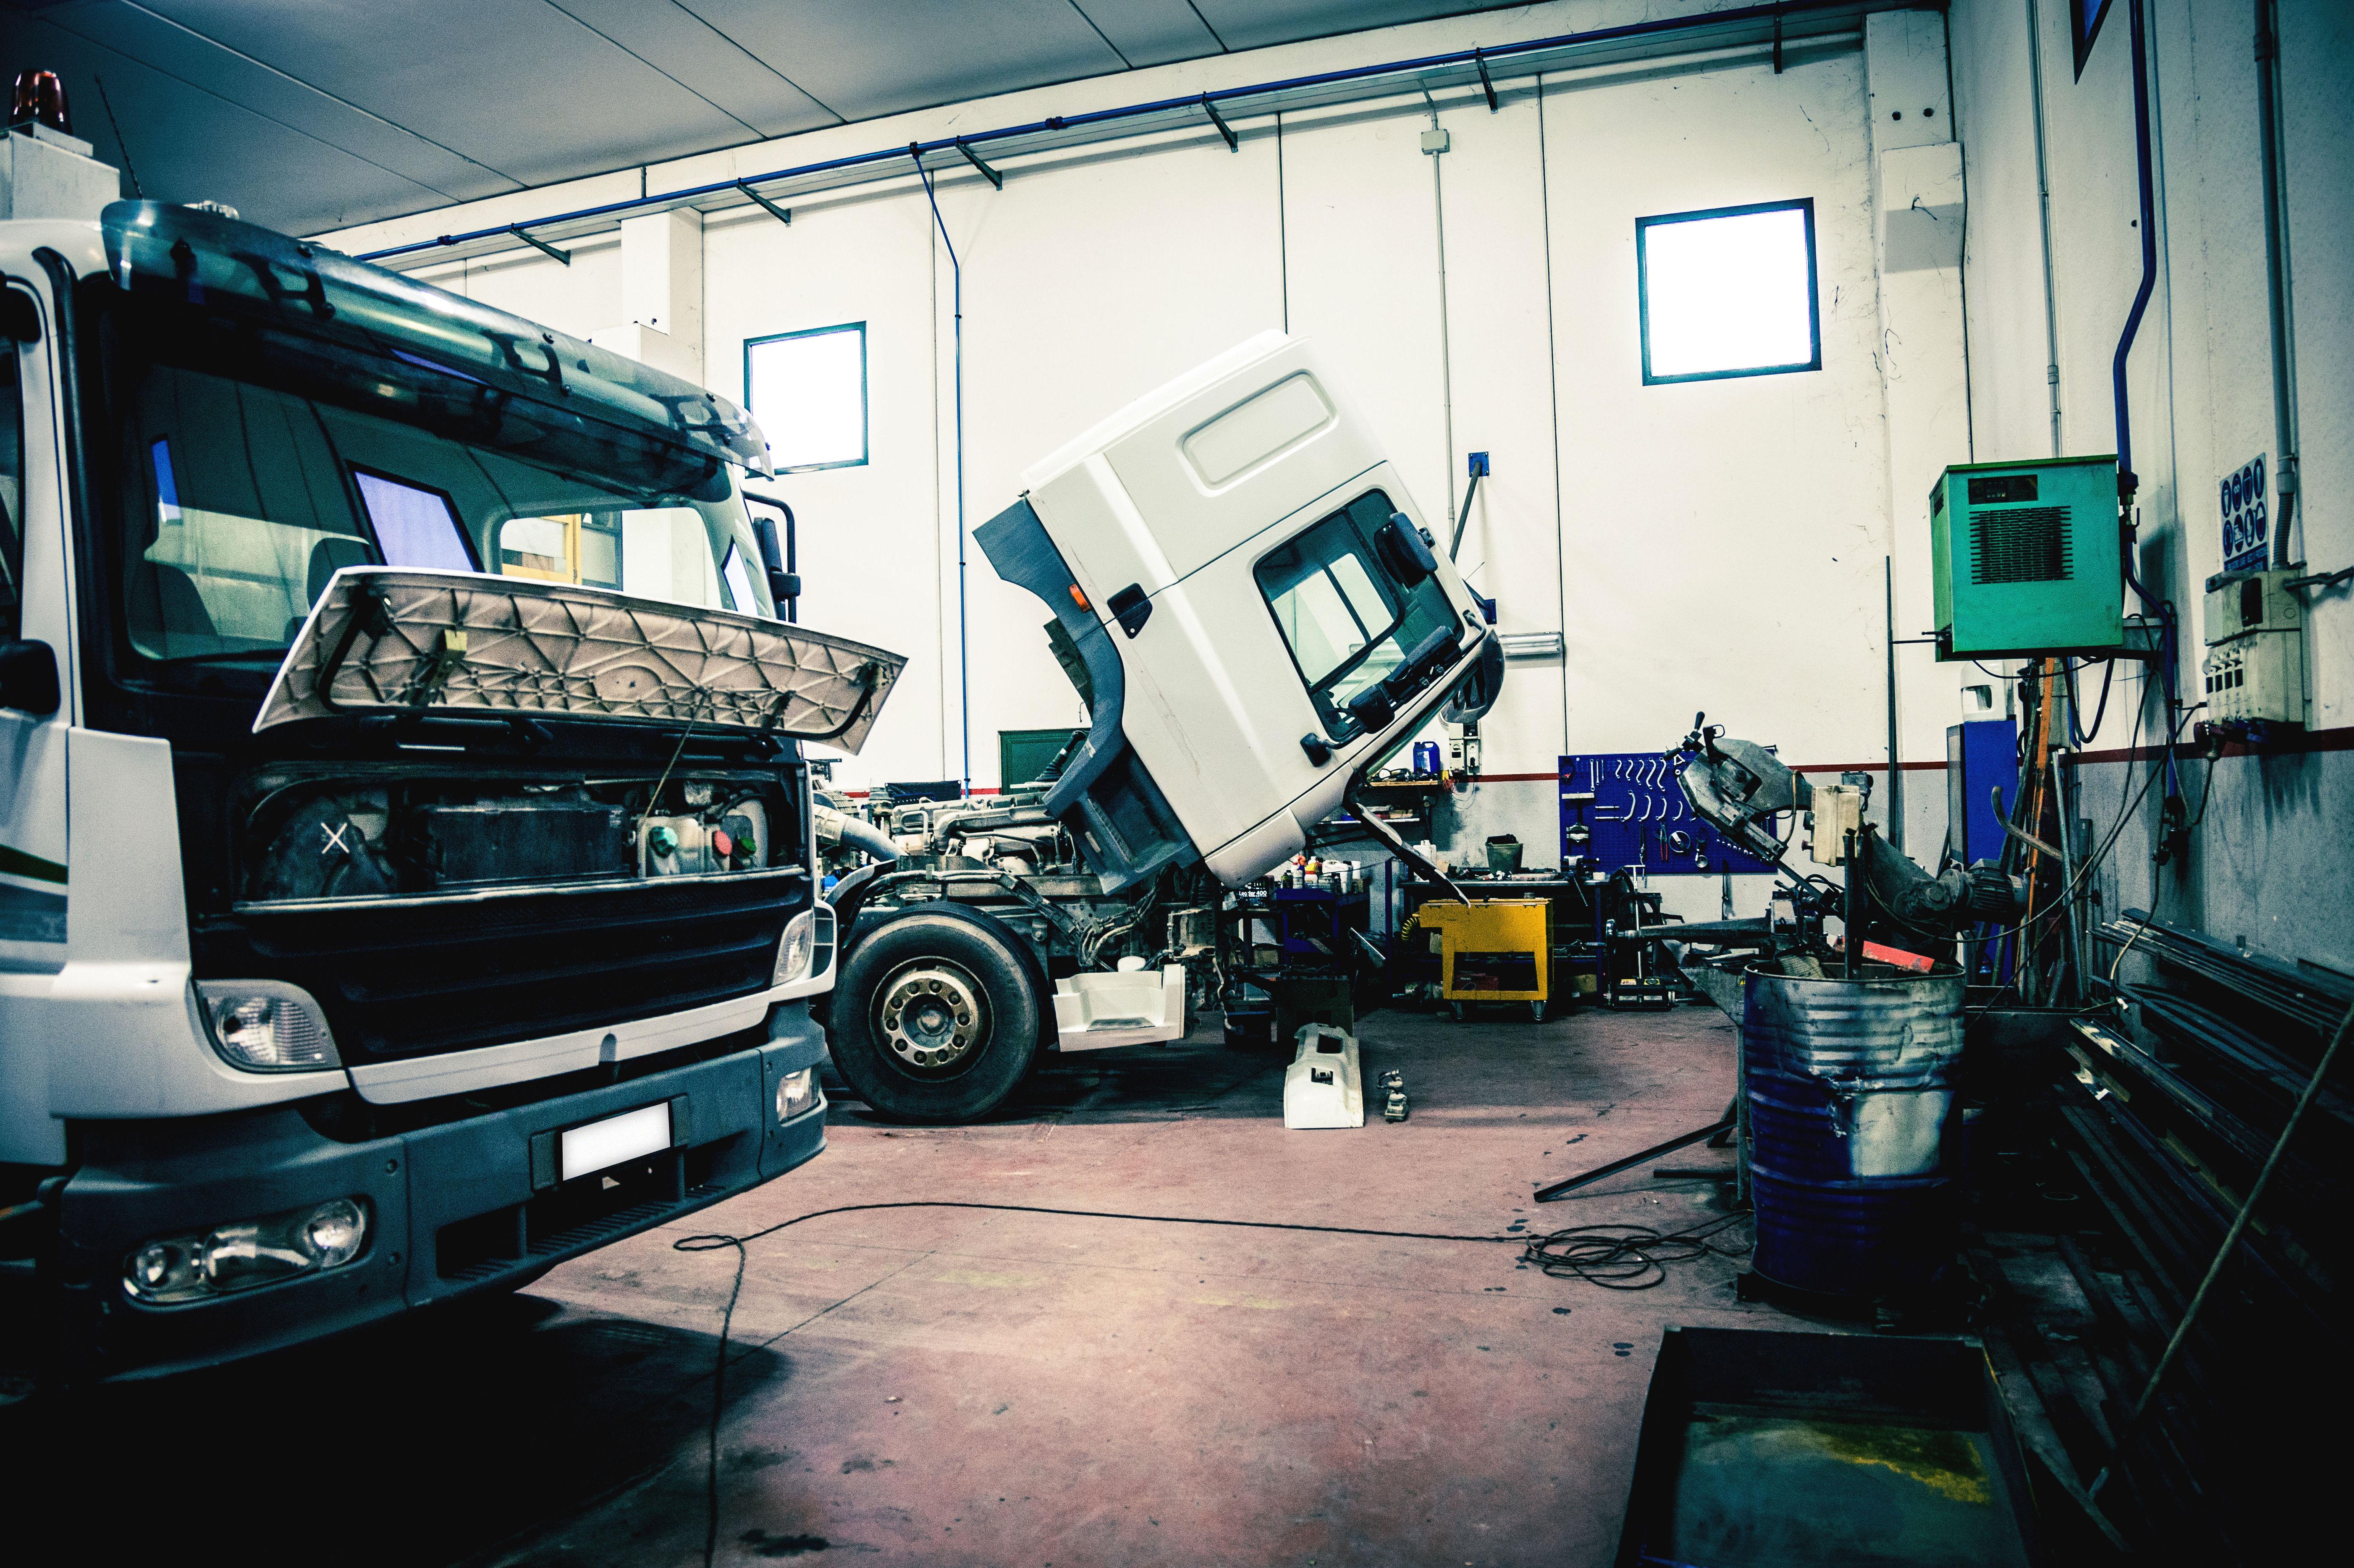 Taller mecánico especializado en vehículos industriales